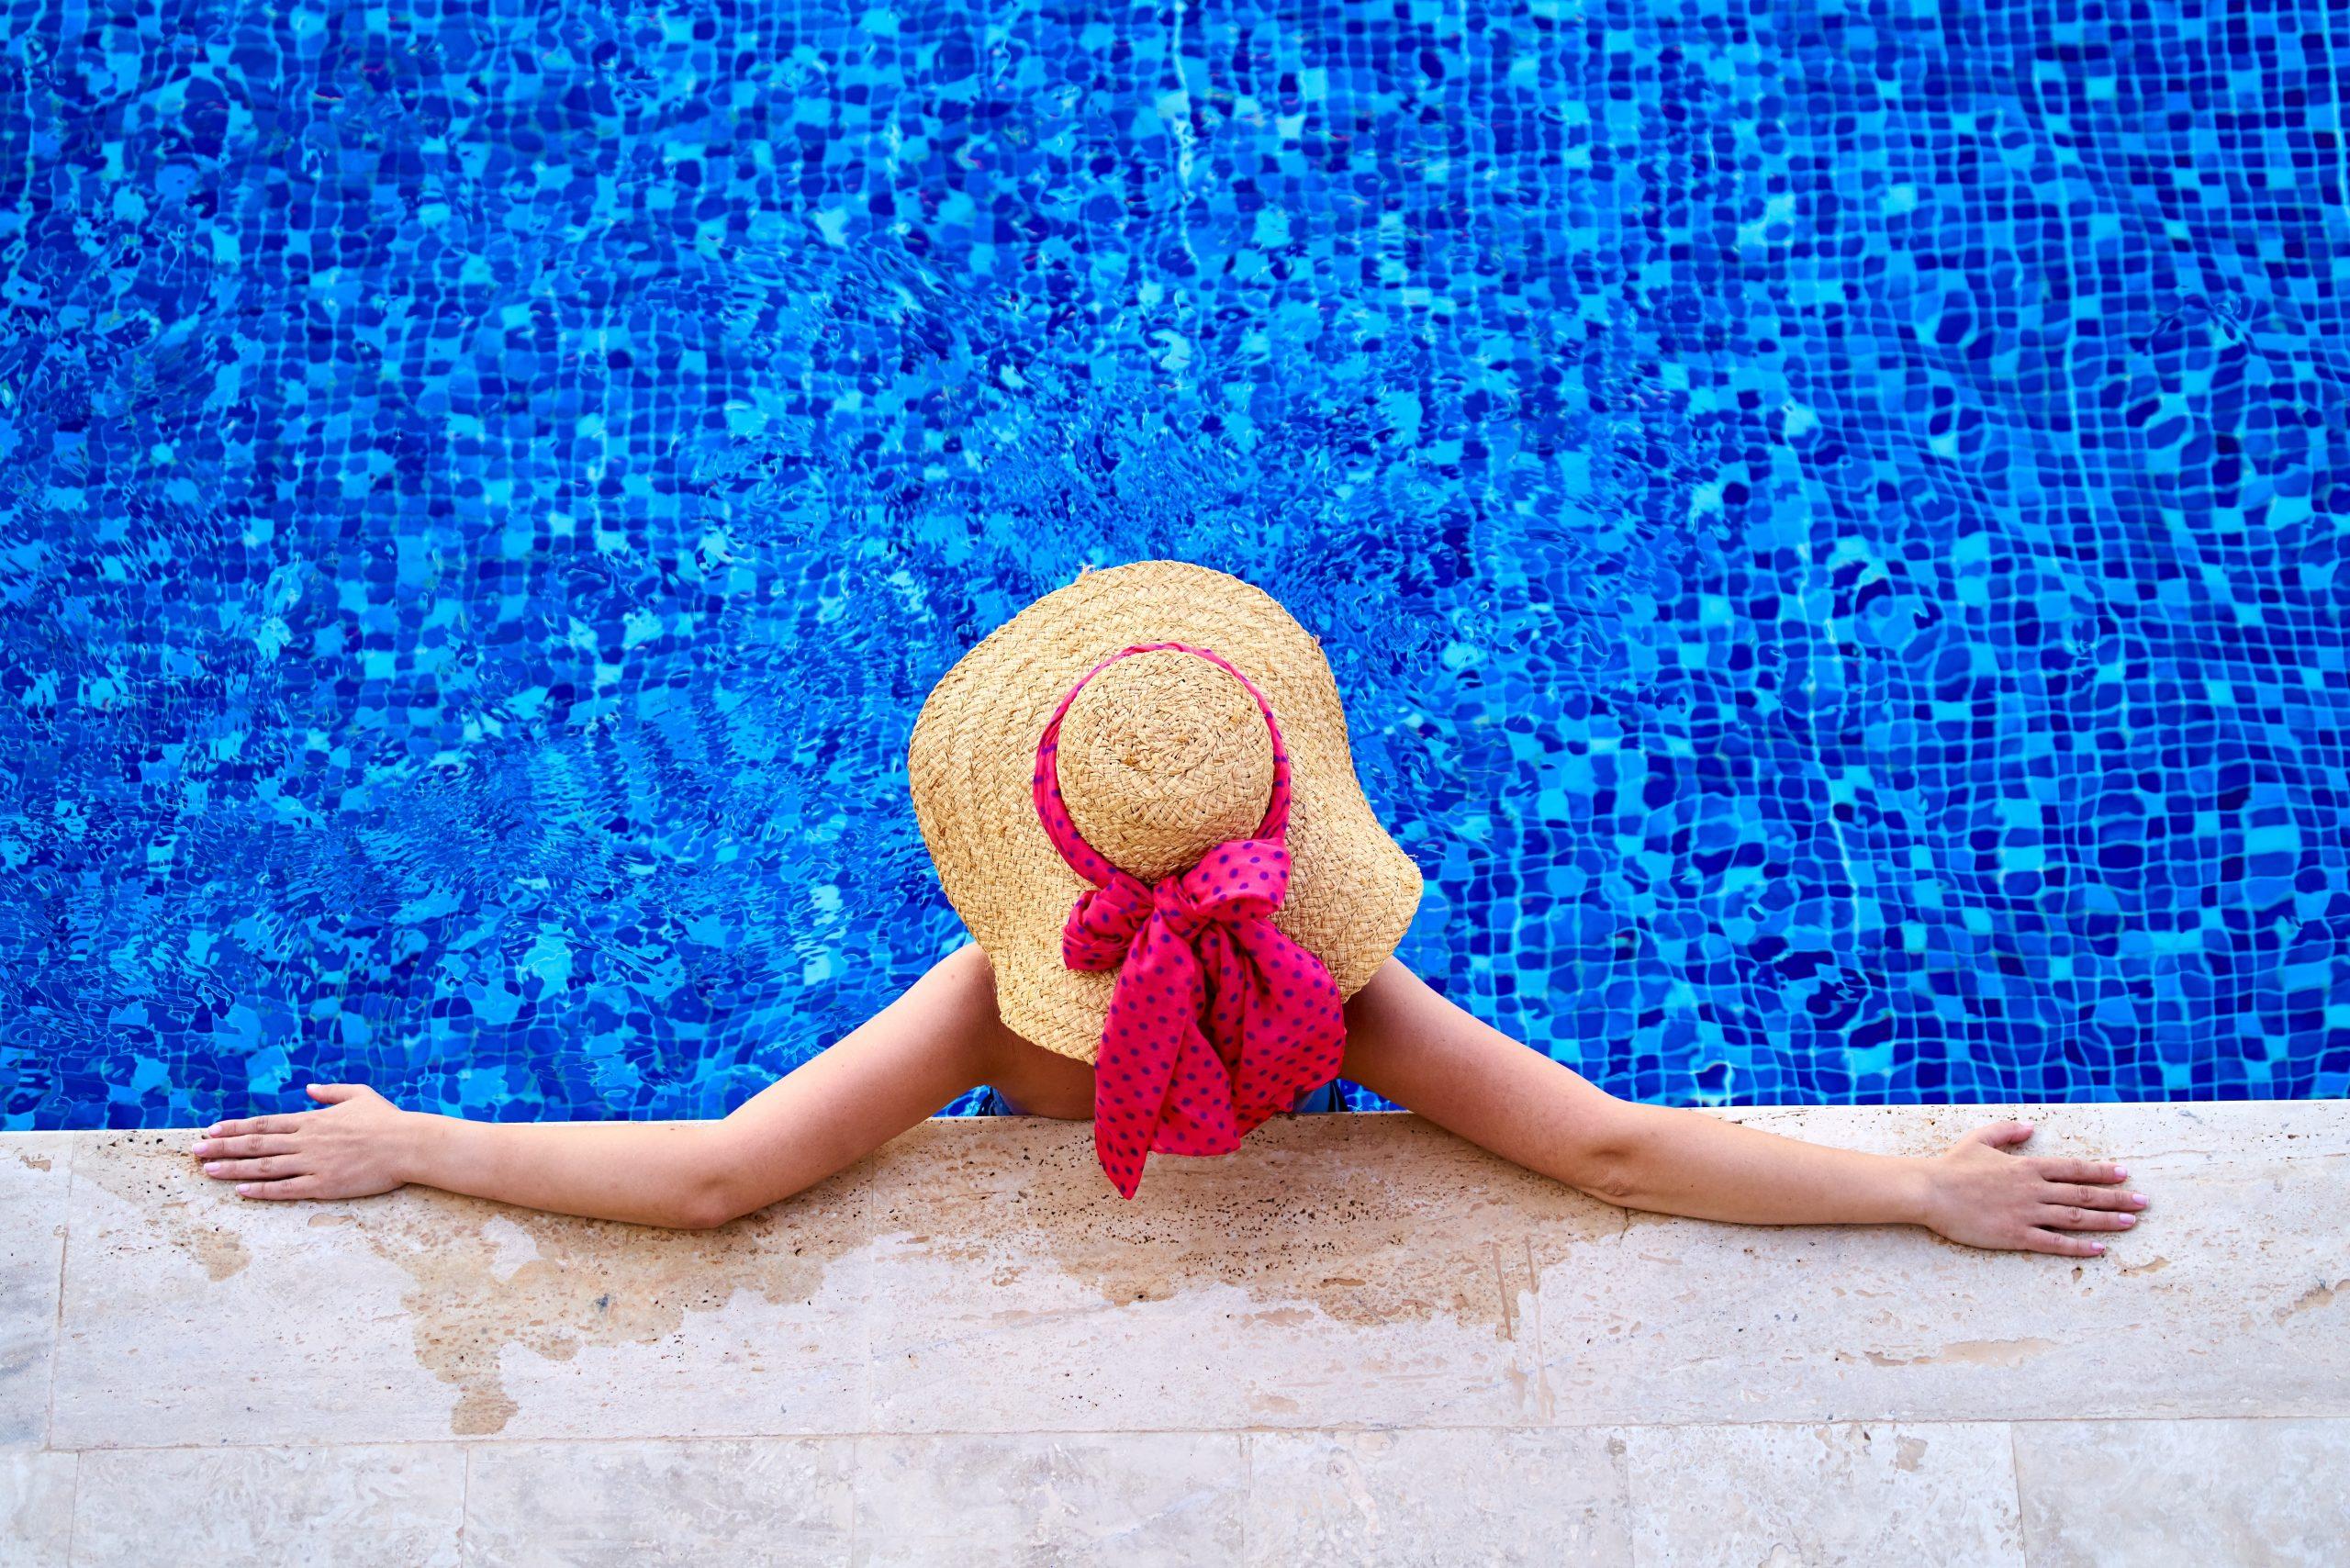 donna con cappello di paglia e fiocco rosso in piscina